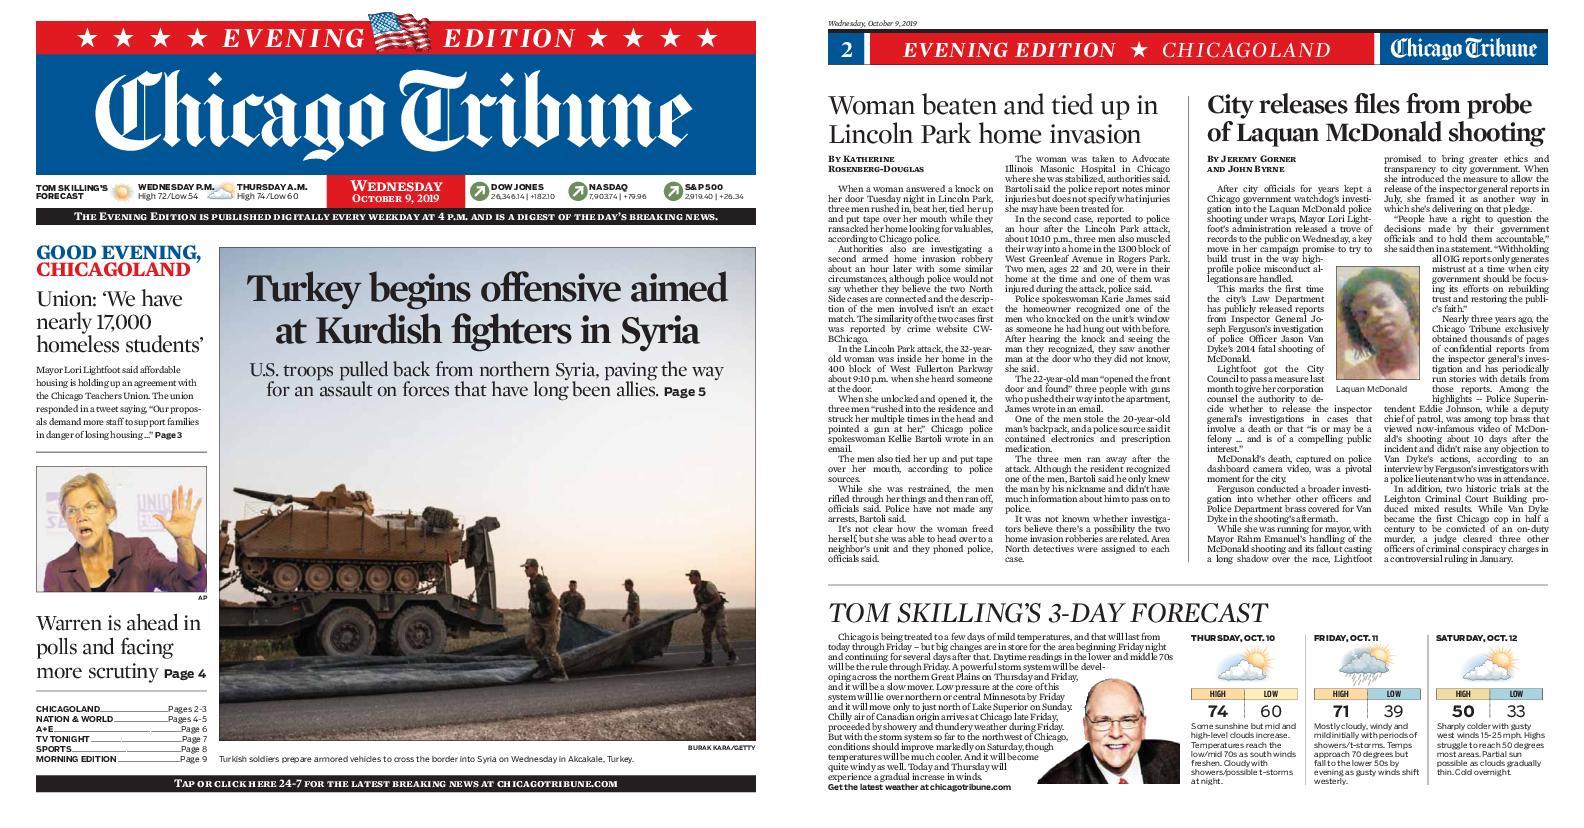 Chicago Tribune Evening Edition – October 09, 2019